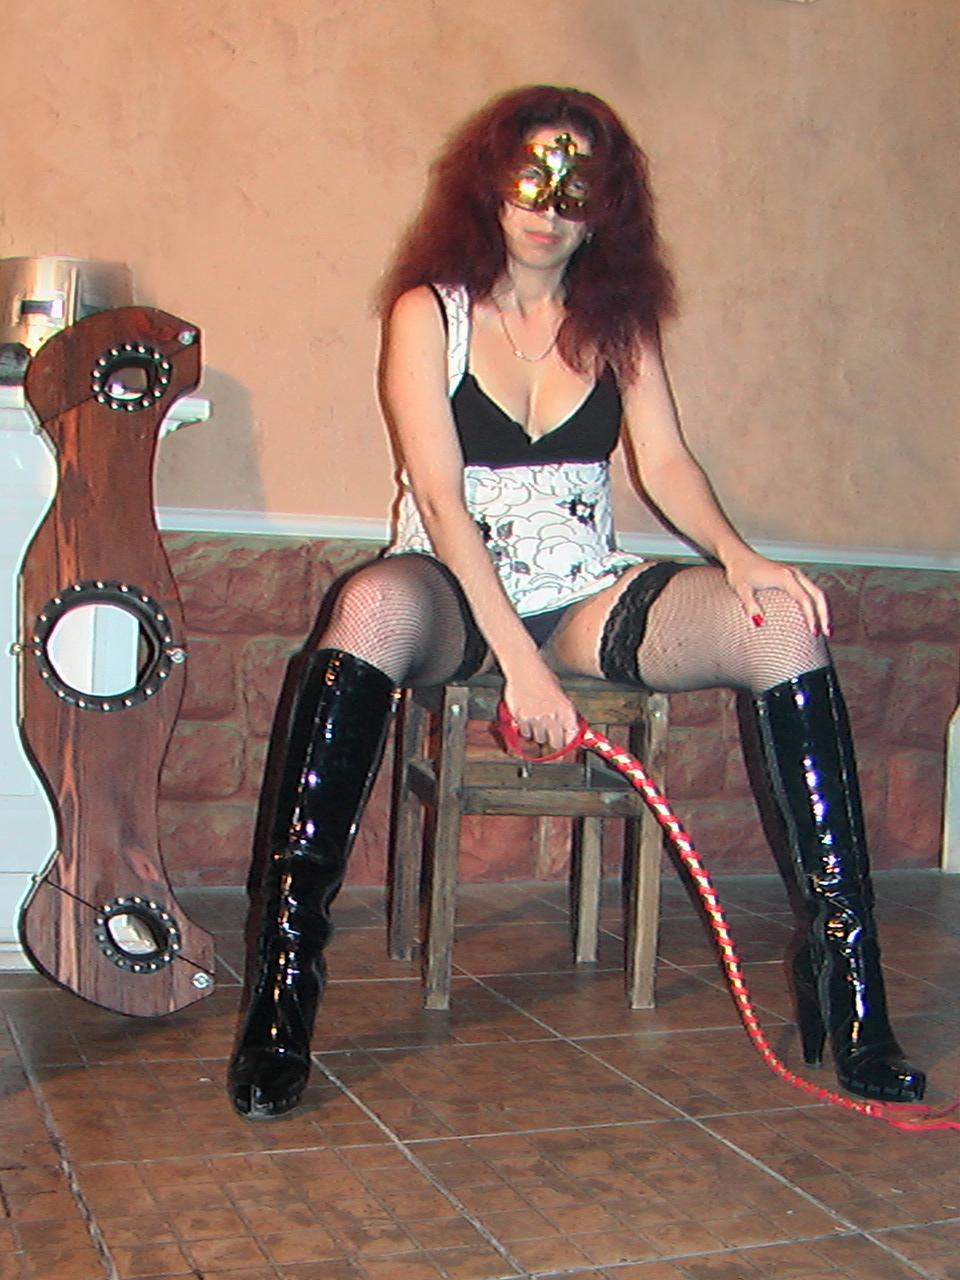 время, госпожа ищет раба томск красивая порно актриса